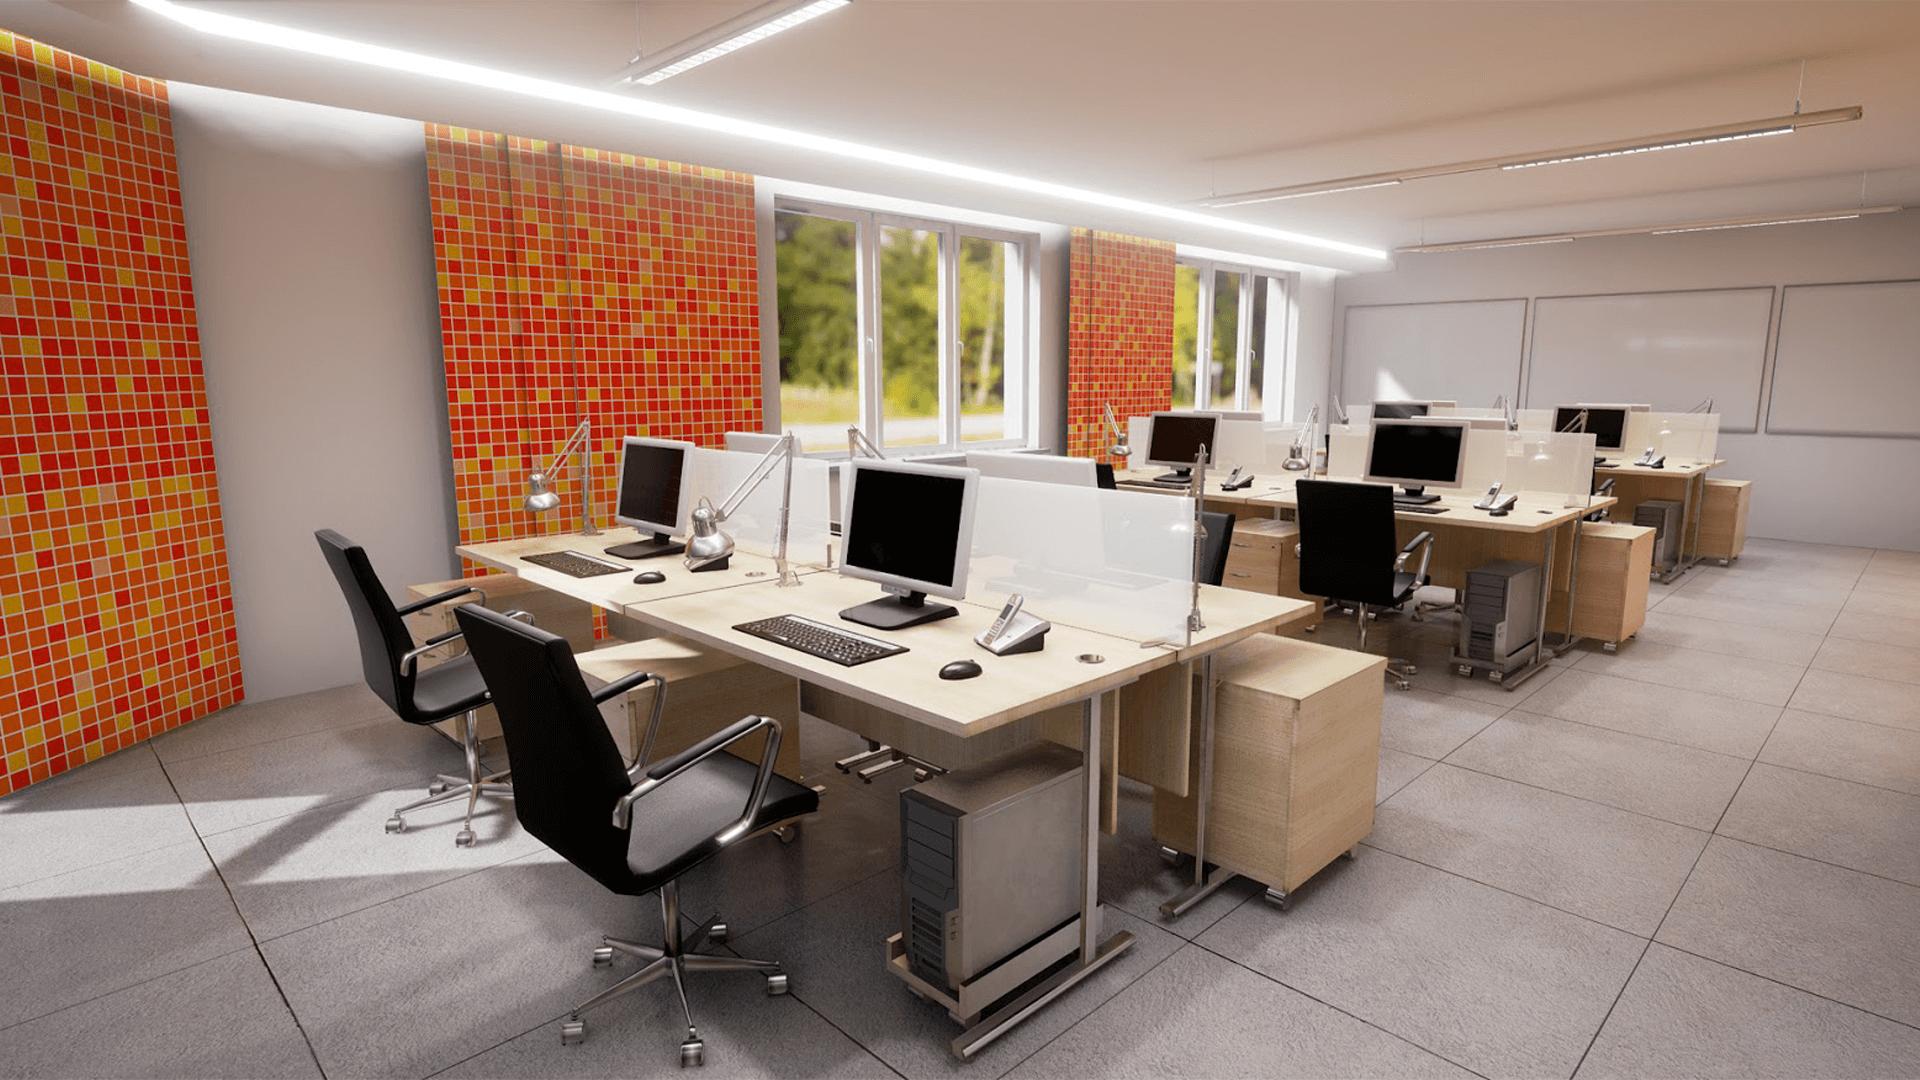 10 Cara Membuat Ruang Kantor Kecil Terlihat Luas Nan Nyaman